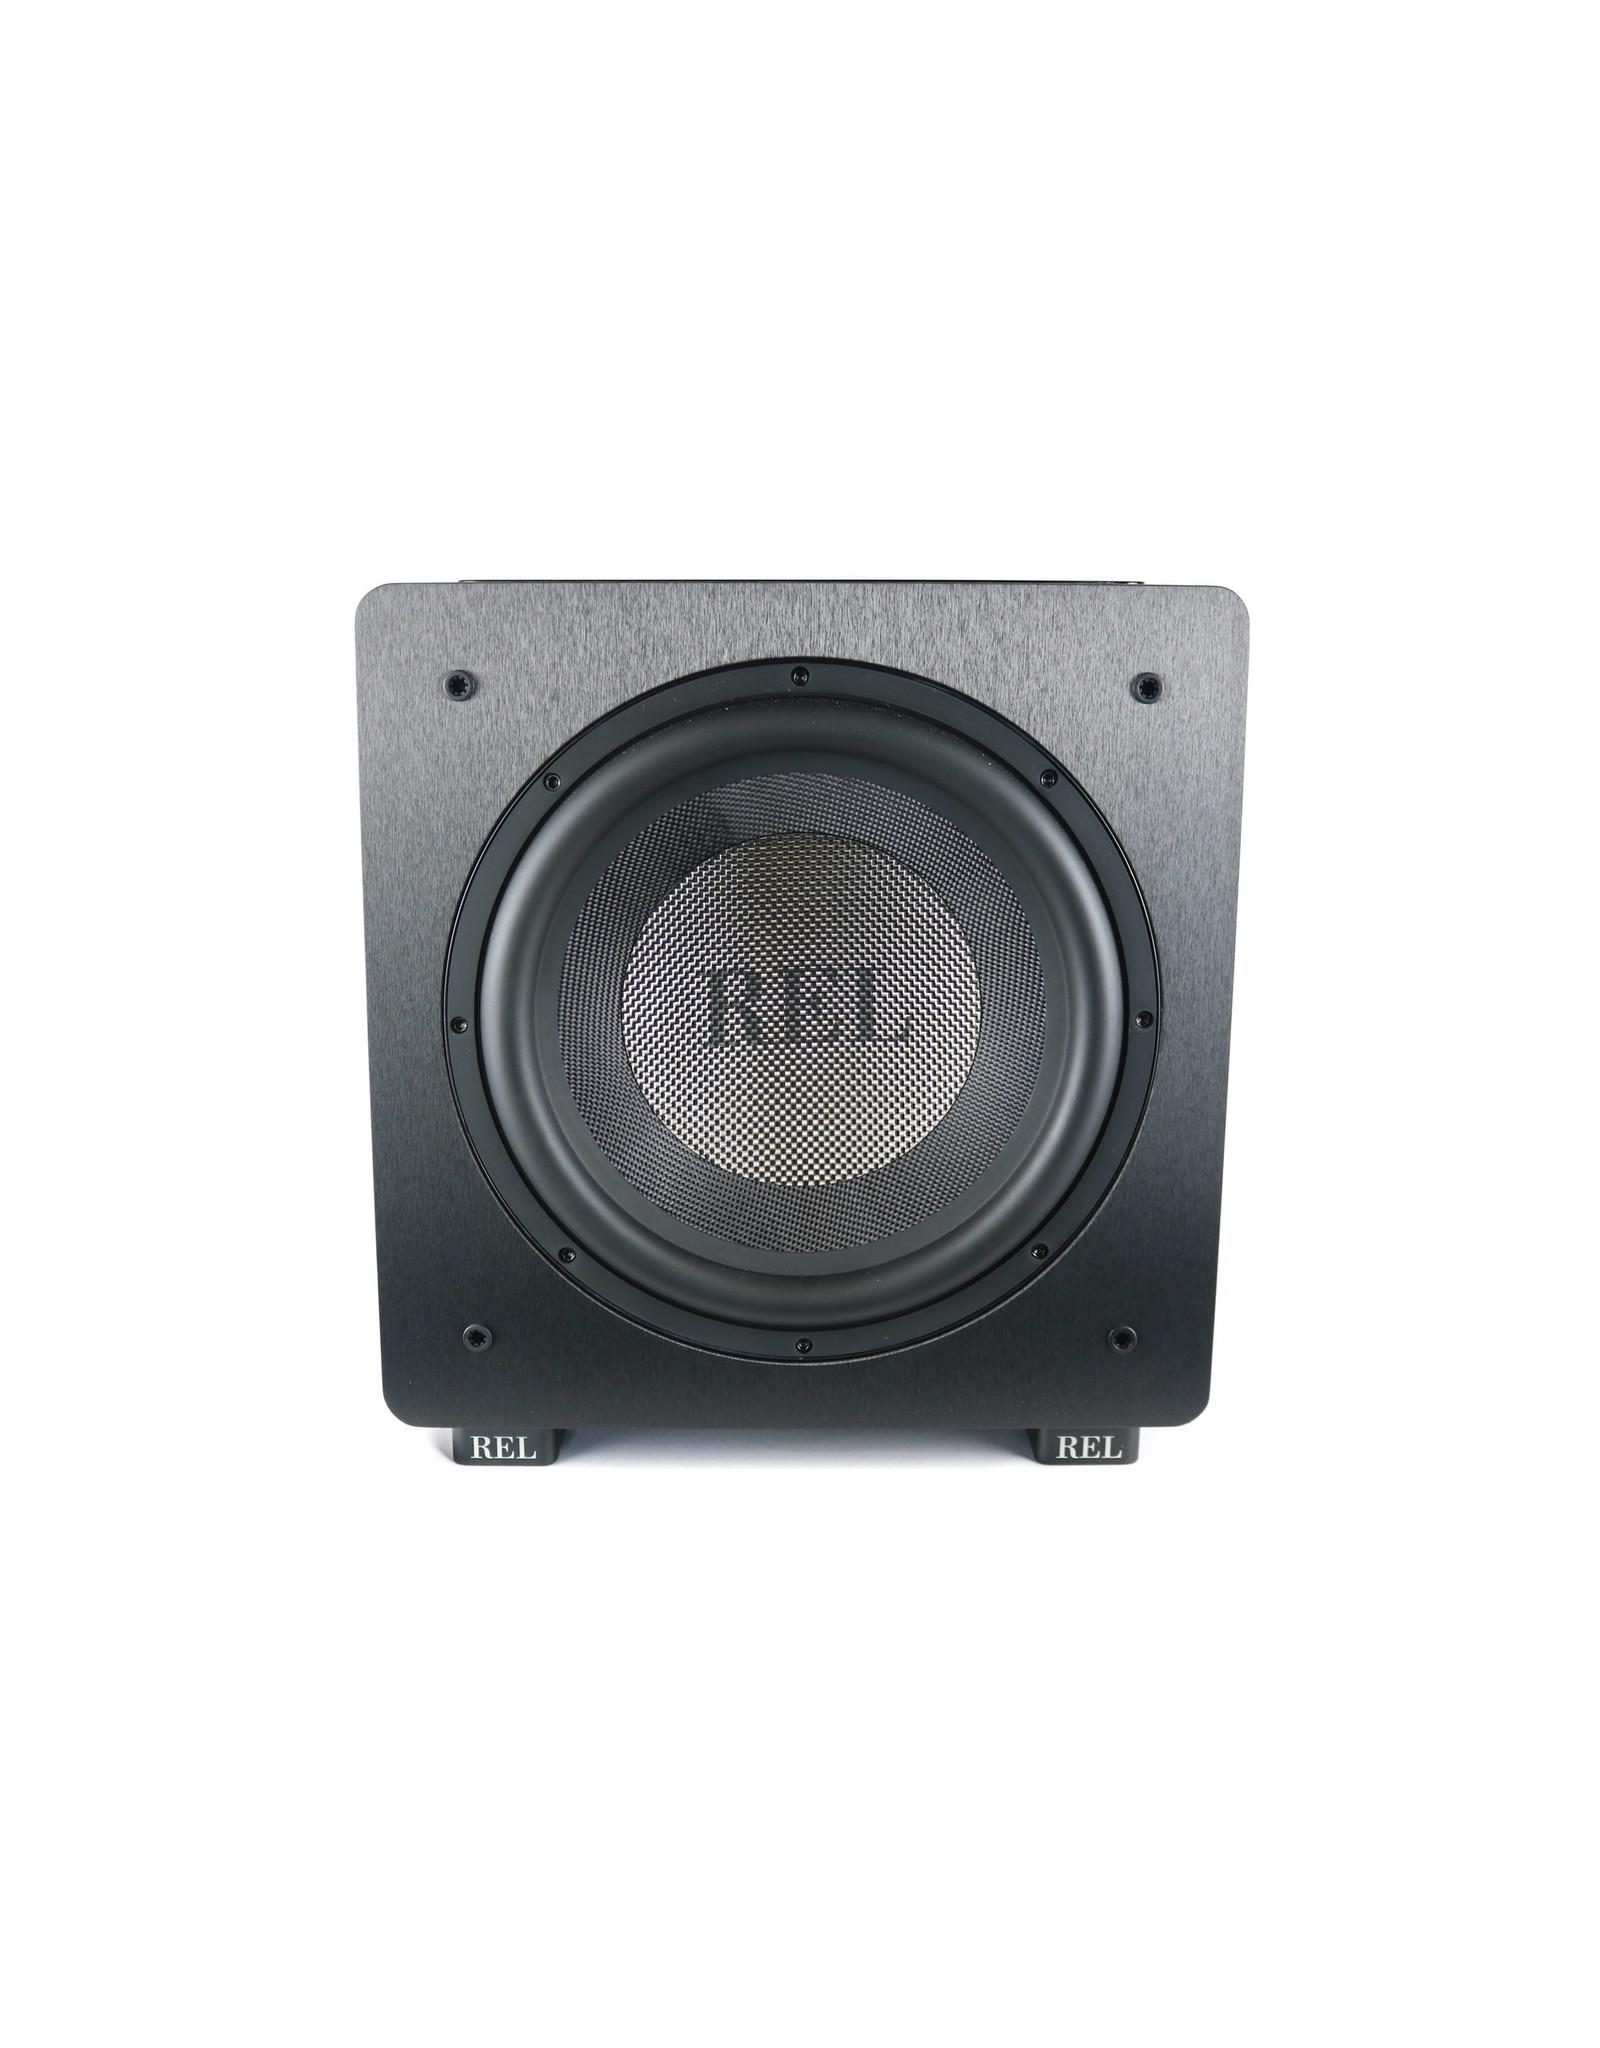 REL REL HT/1205 Subwoofer USED